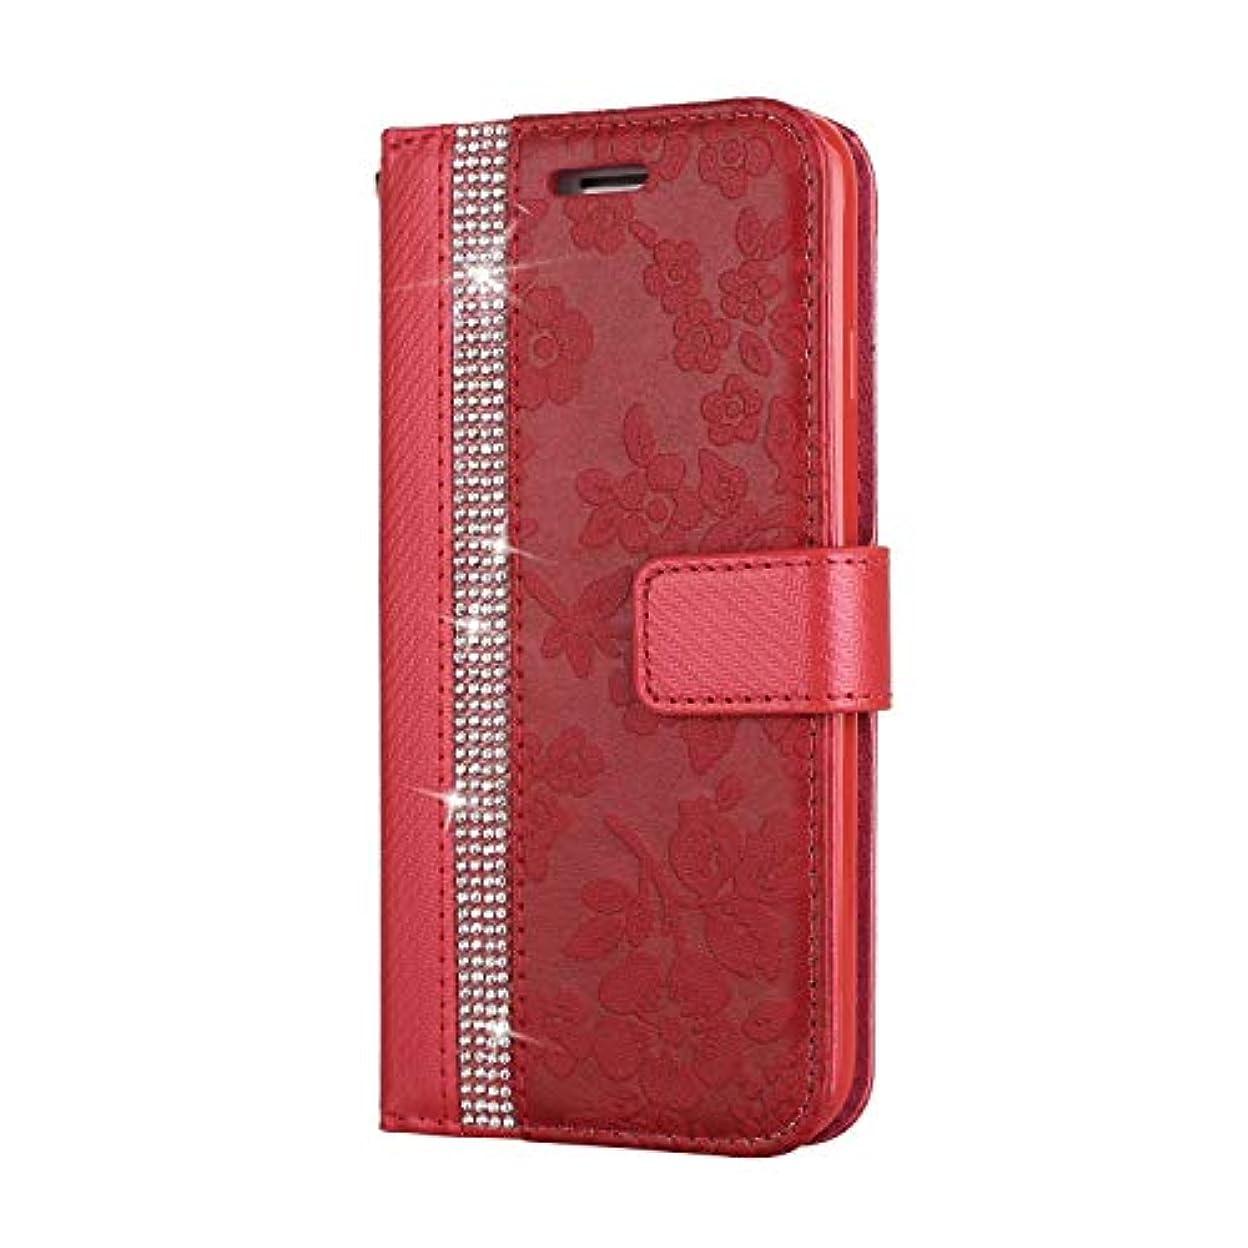 インチ仲良し退化するCUNUS iPhone 7 / iPhone 8 用 ウォレット ケース, プレミアム PUレザー 全面保護 ケース 耐衝撃 スタンド機能 耐汚れ カード収納 カバー, レッド